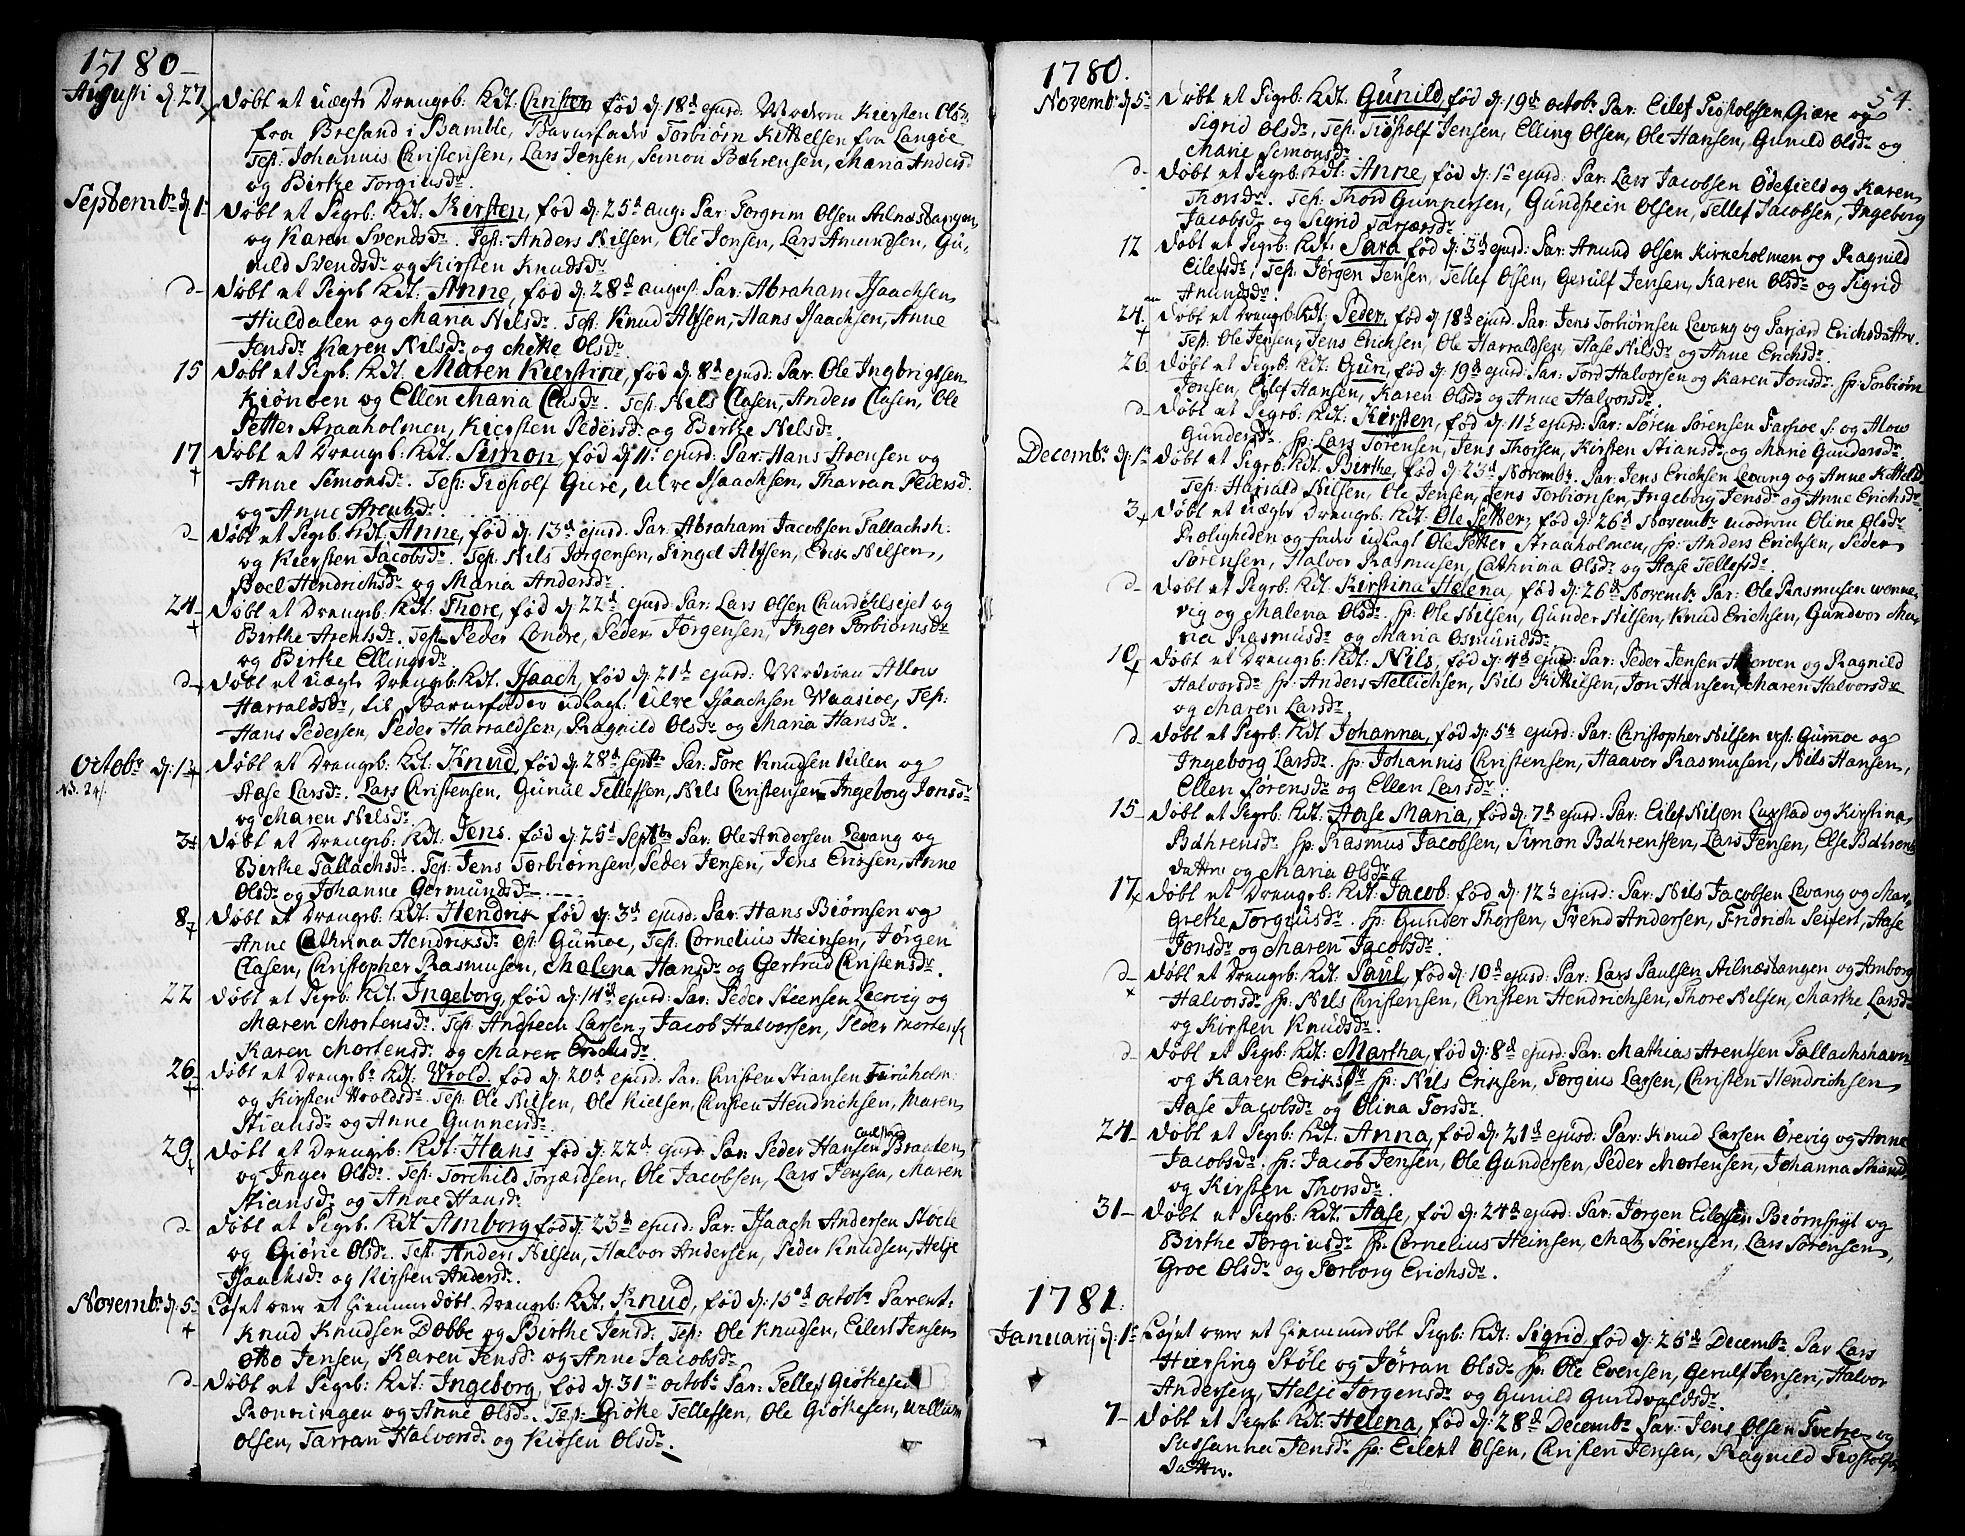 SAKO, Sannidal kirkebøker, F/Fa/L0002: Ministerialbok nr. 2, 1767-1802, s. 54